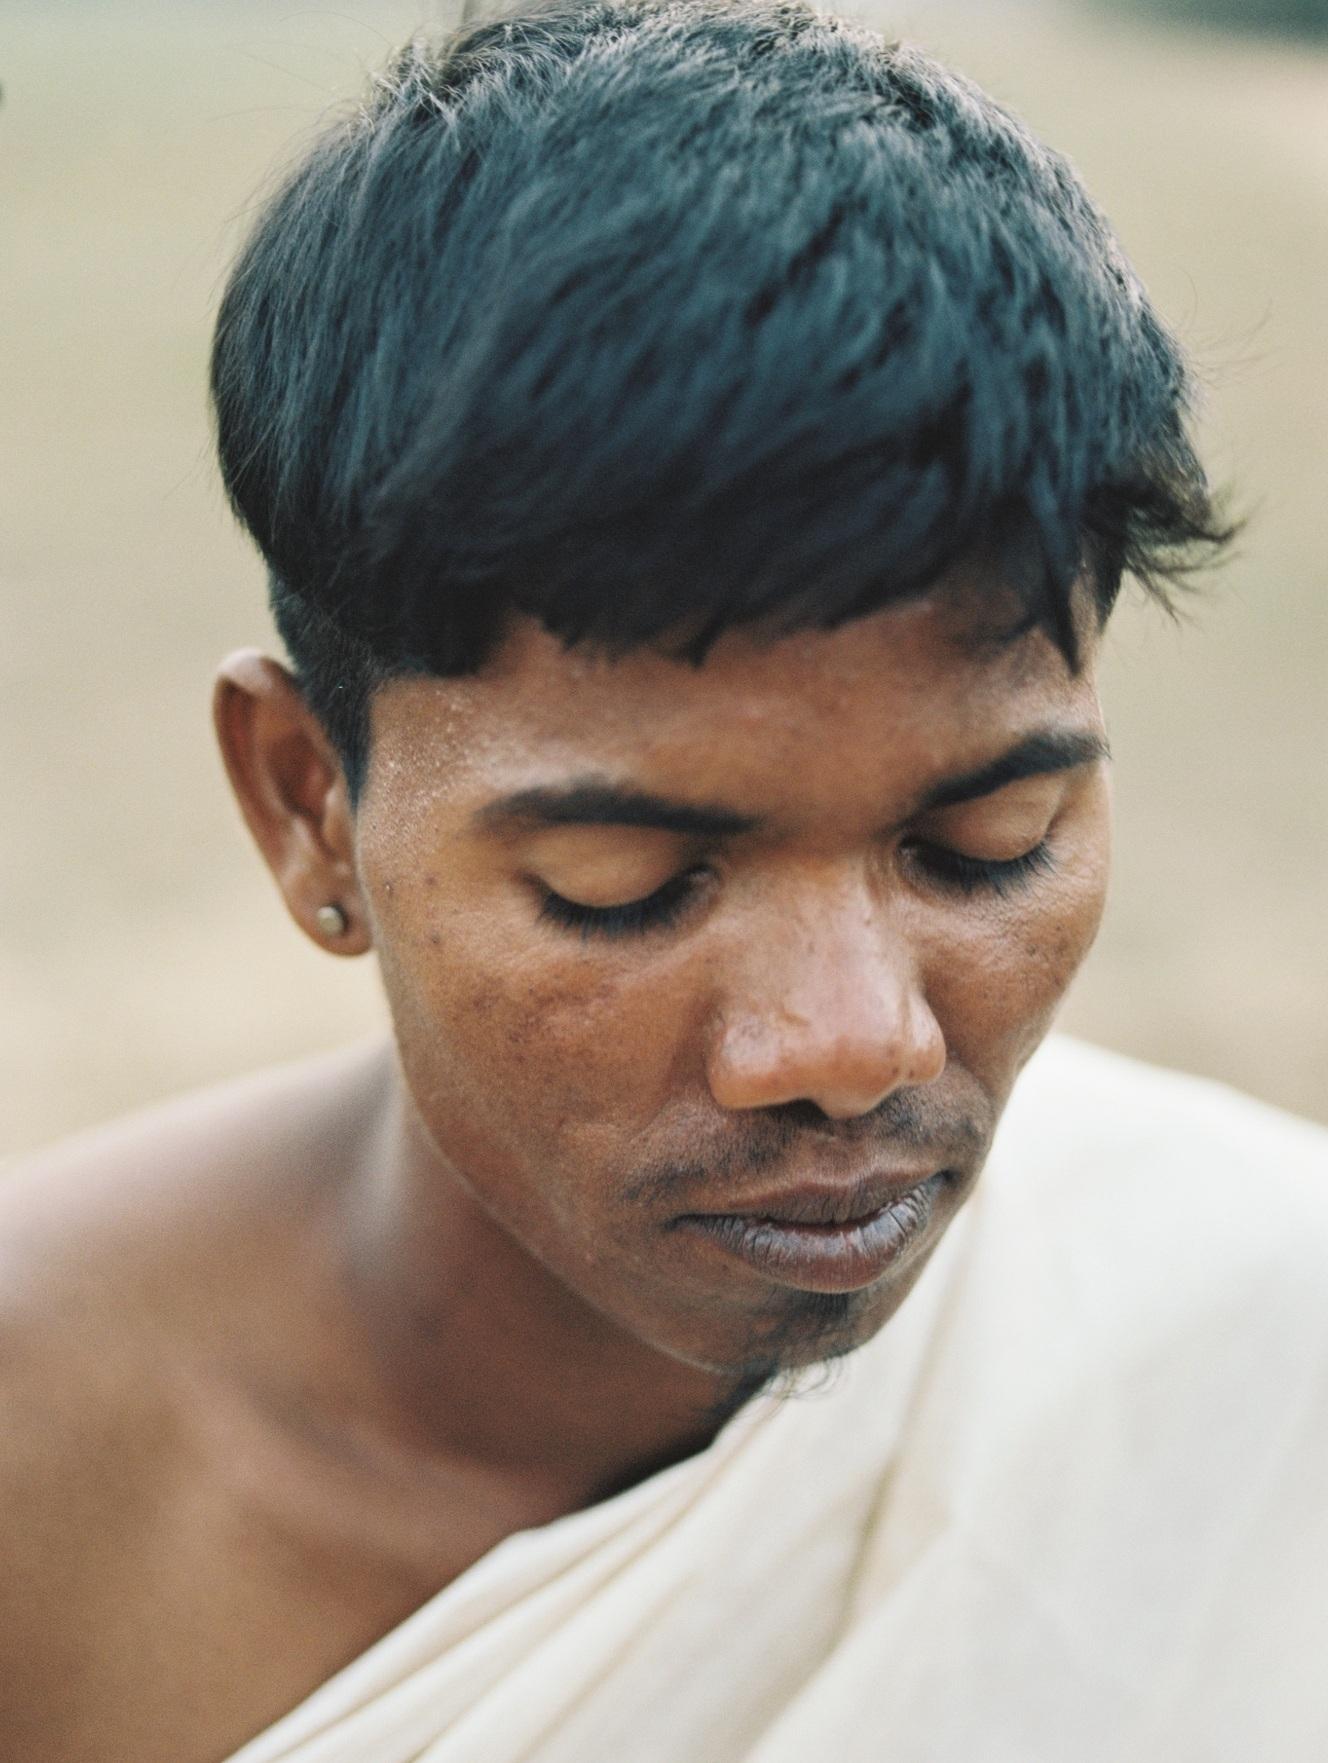 Thangaraj Sadaiyan, Snake Catcher